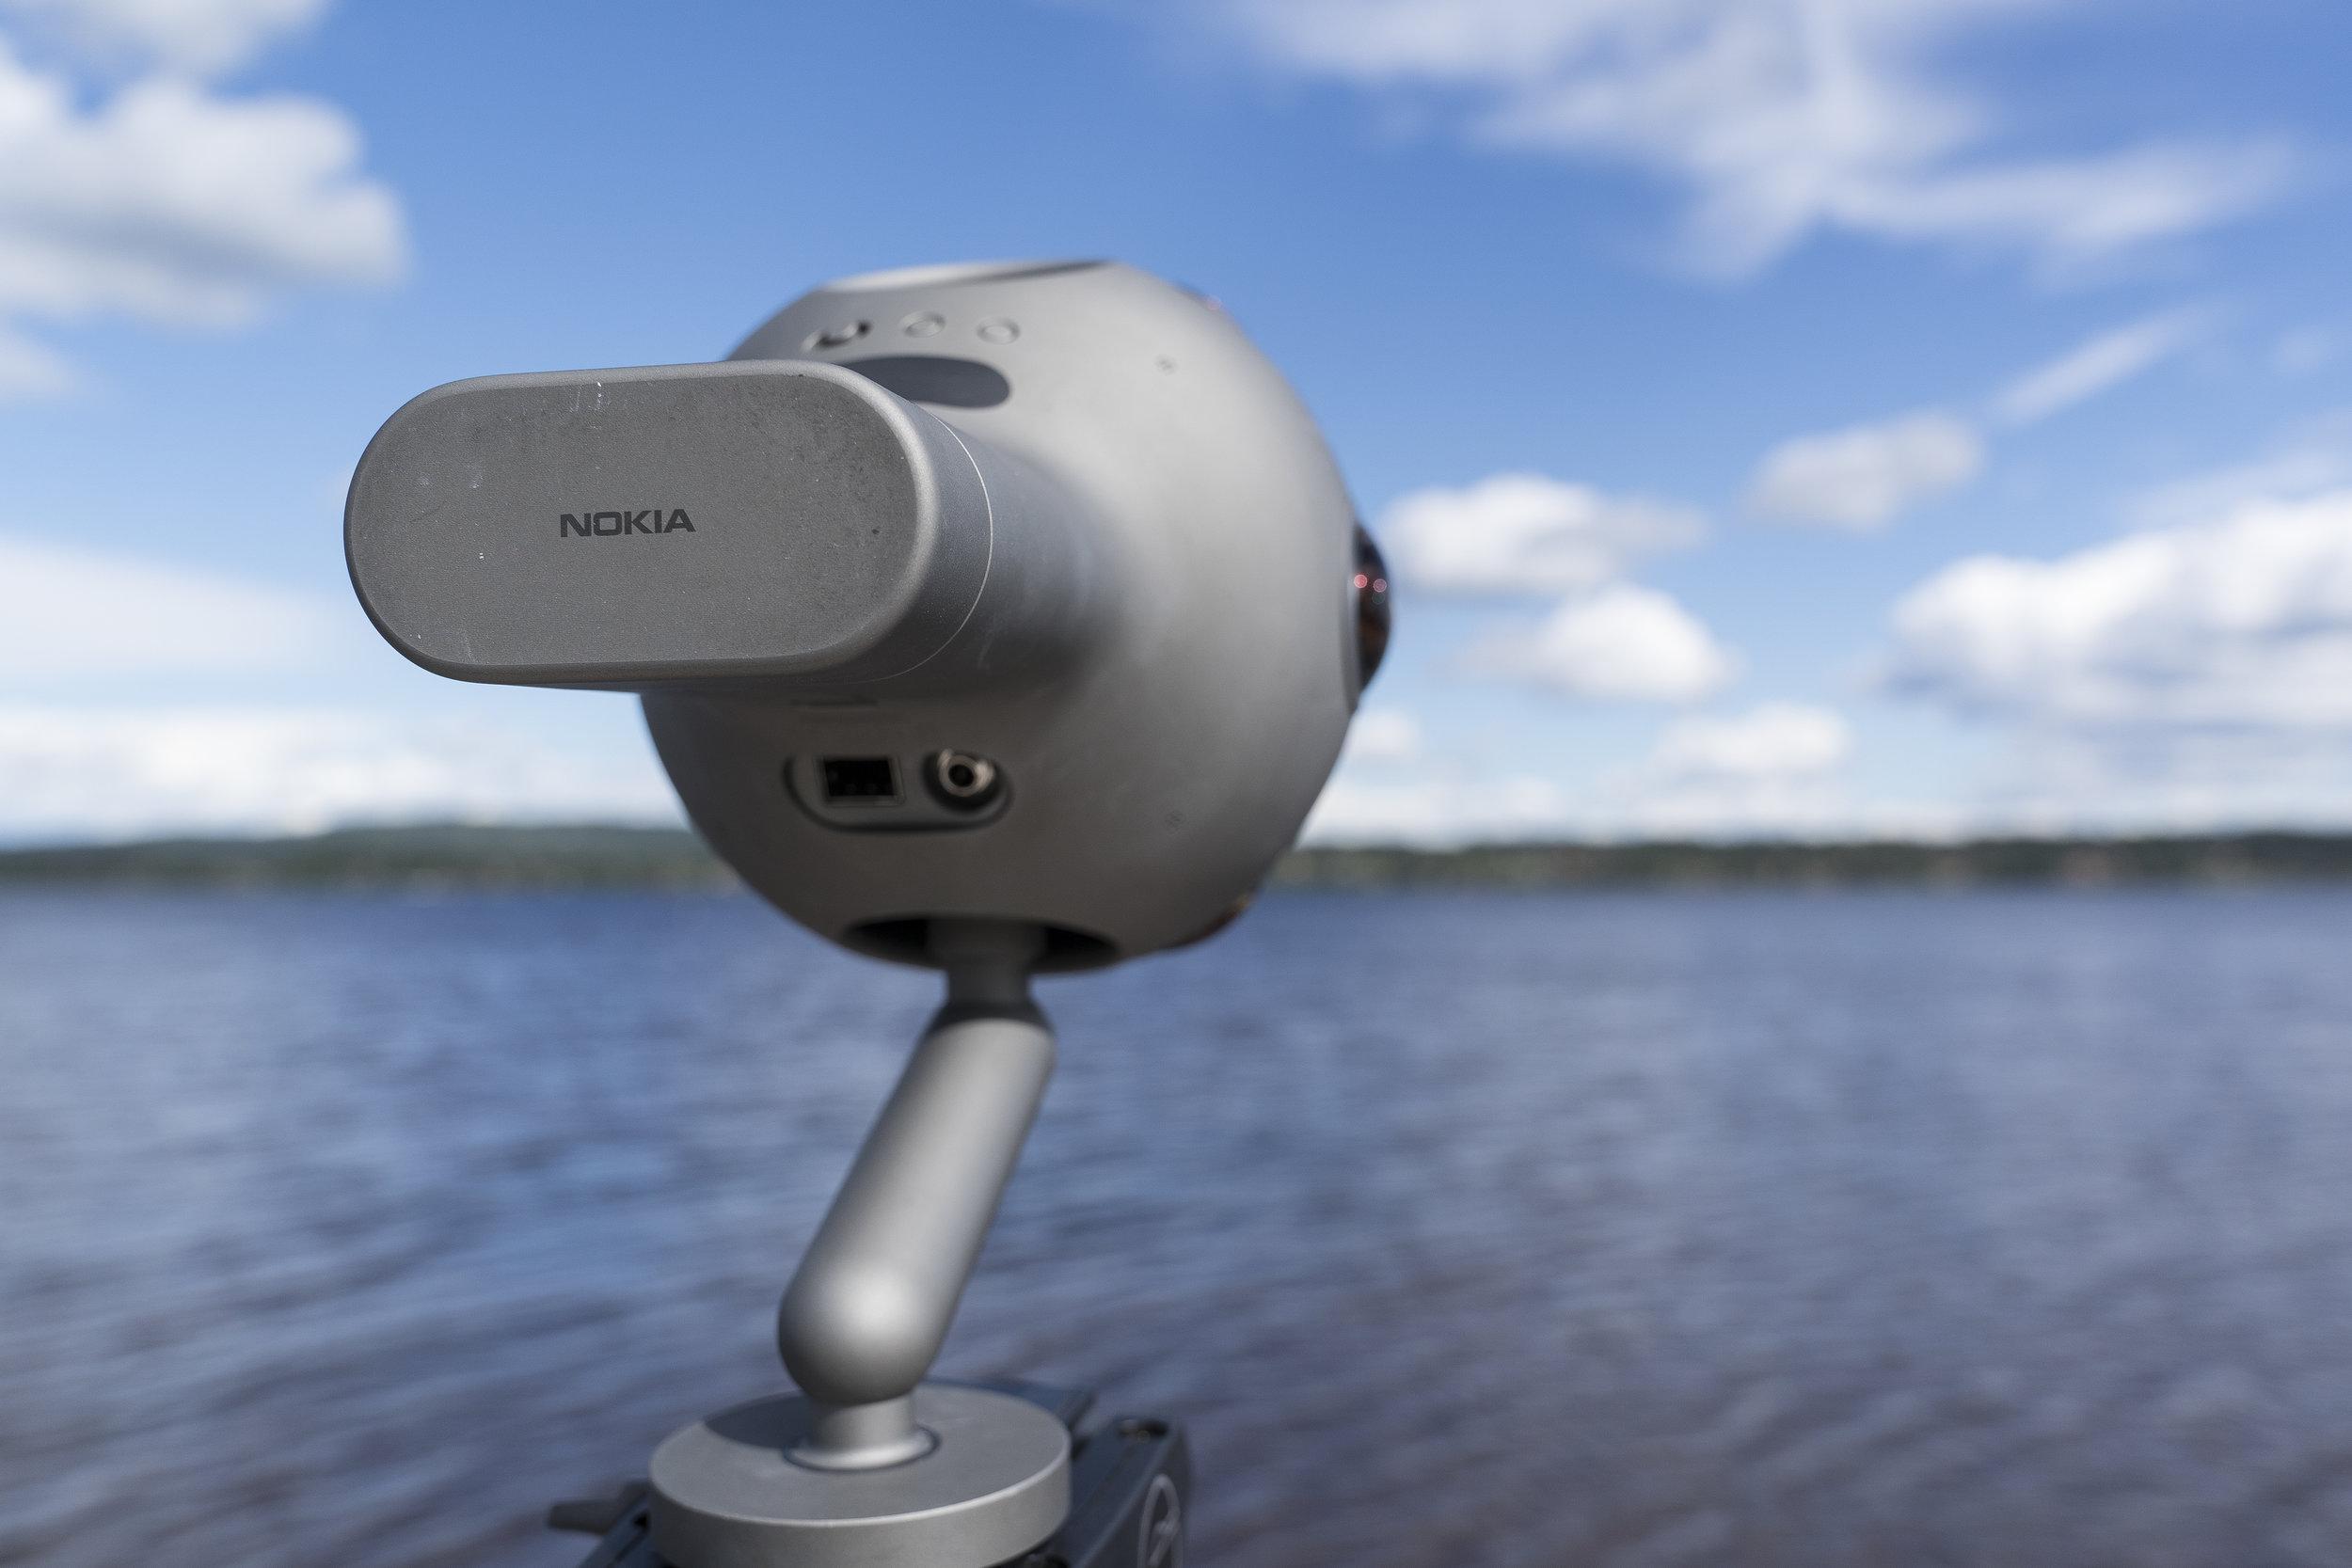 Nokia OZO ser ut som en futuristisk helikopter eller ett rymdskepp från en science-fictionfilm. Det som sticker ut bak är den kombinerade hårdisken och batteriet. Här finns också ingång för nätström och utgångar för ljud och bild.